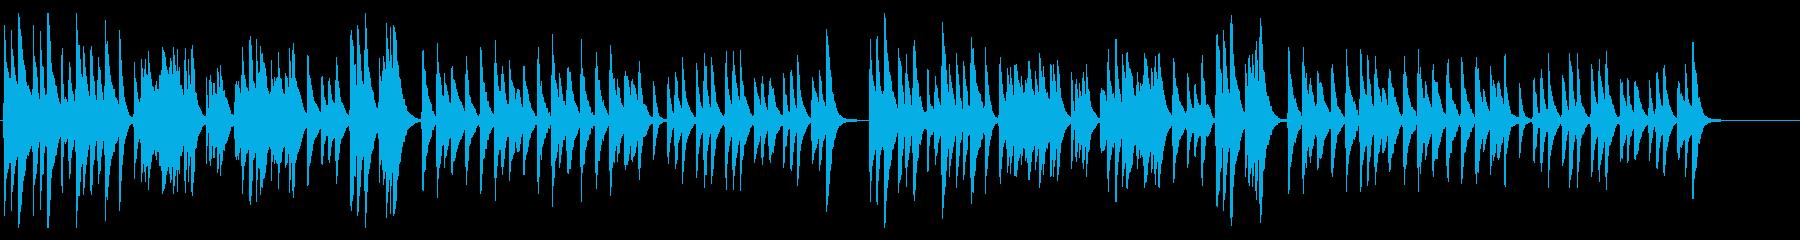 和風、懐石で流れそうな落ち着いた琴Aの再生済みの波形